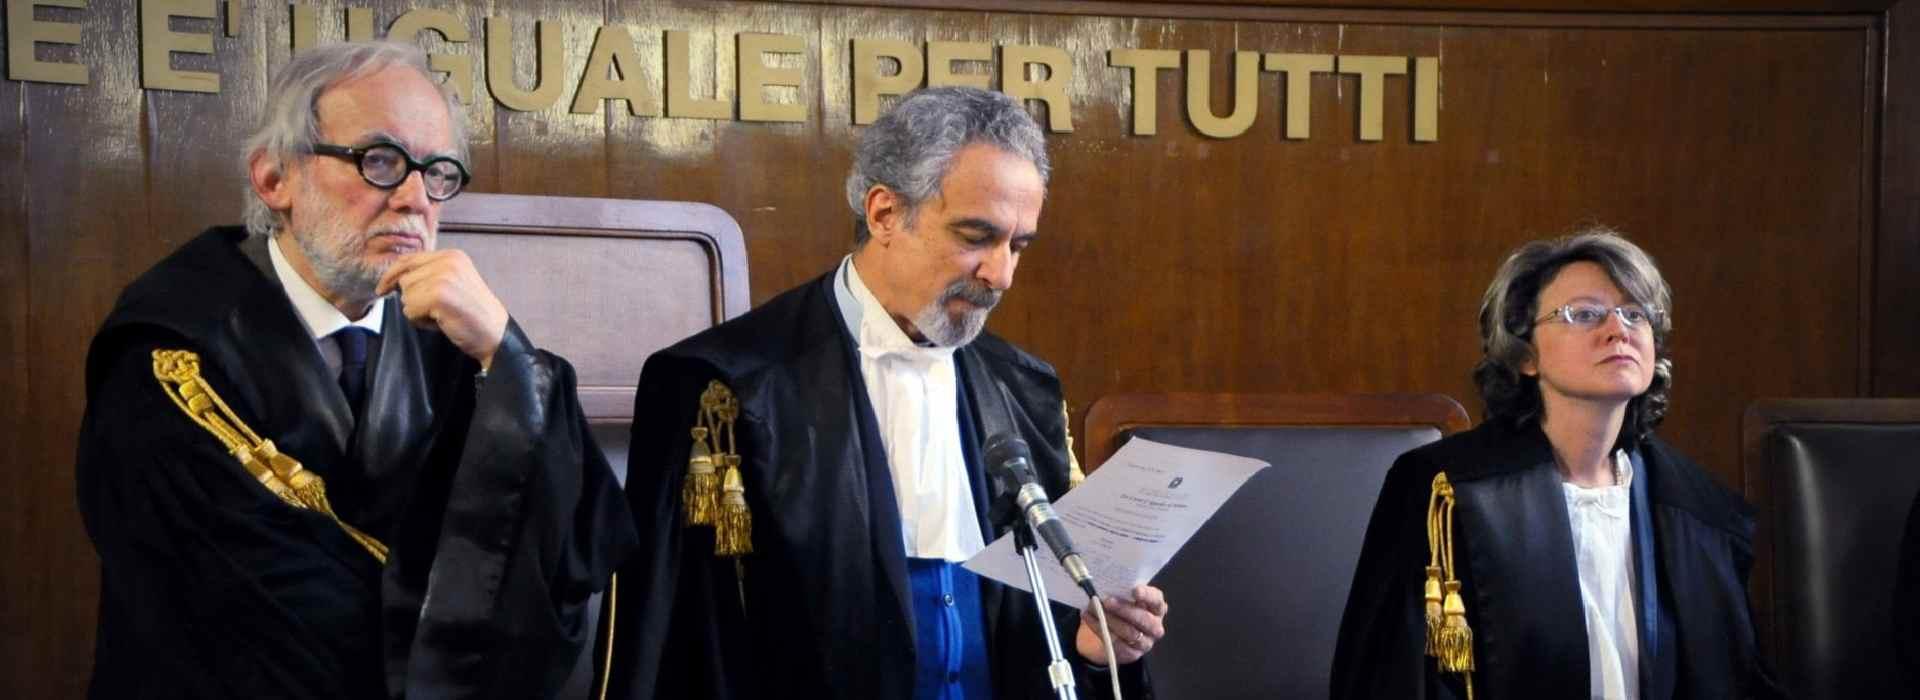 Piero Gamacchio, il giudice milanese che non paga ristoranti di lusso e boutique